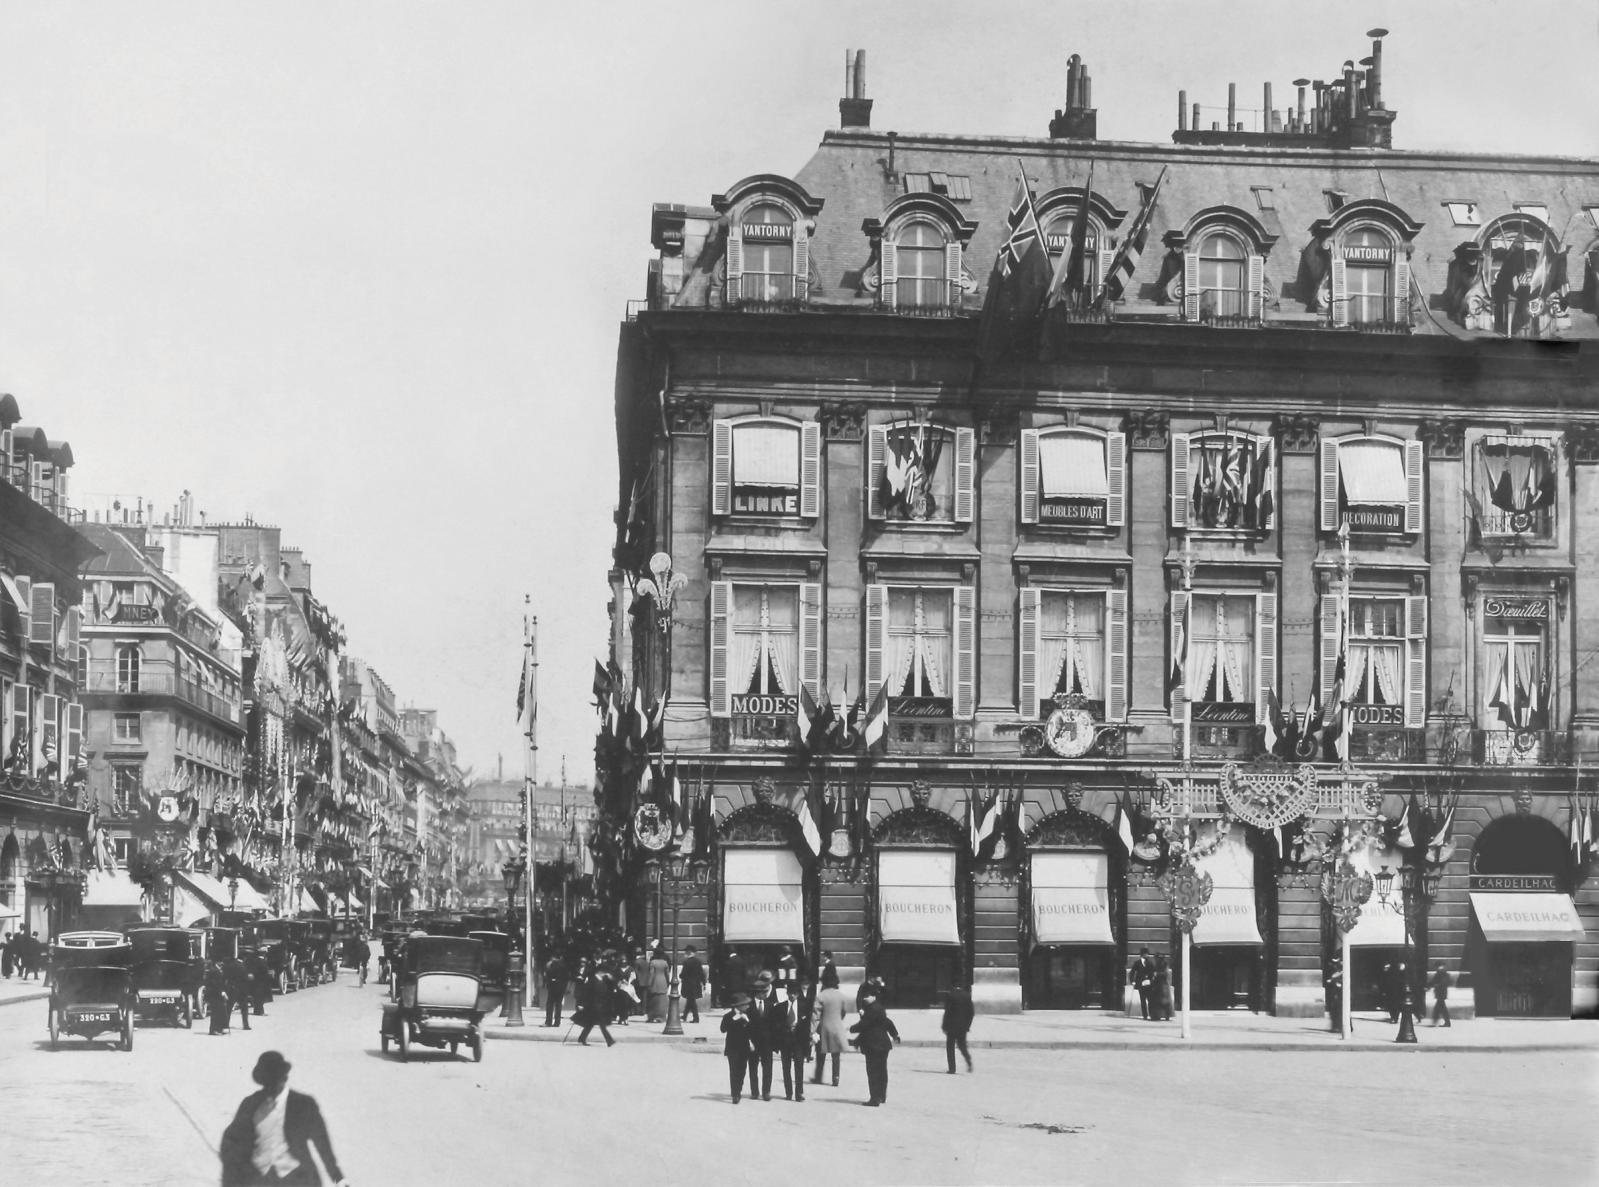 Facade de la boutique Boucheron, place Vendôme à Paris, pavoisée pour la venue du roi GeorgeV et de la reine Mary, 1914.